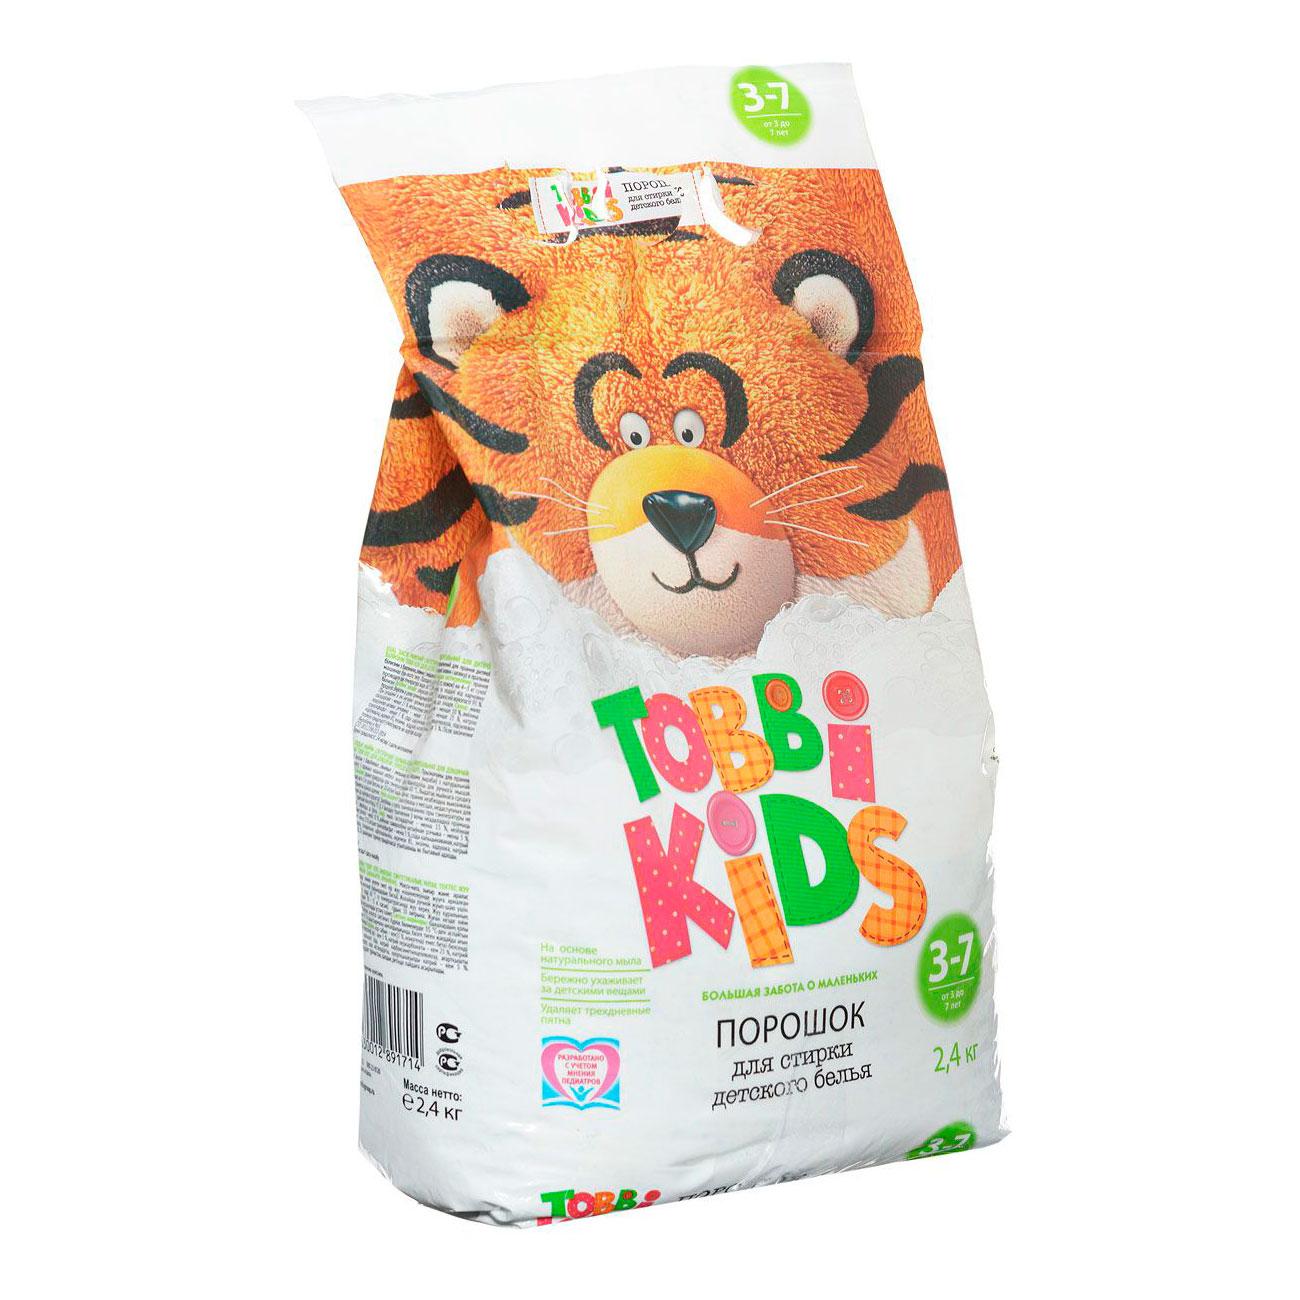 Стиральный порошок Tobbi Kids от 3-7 лет  2,4 кг<br>